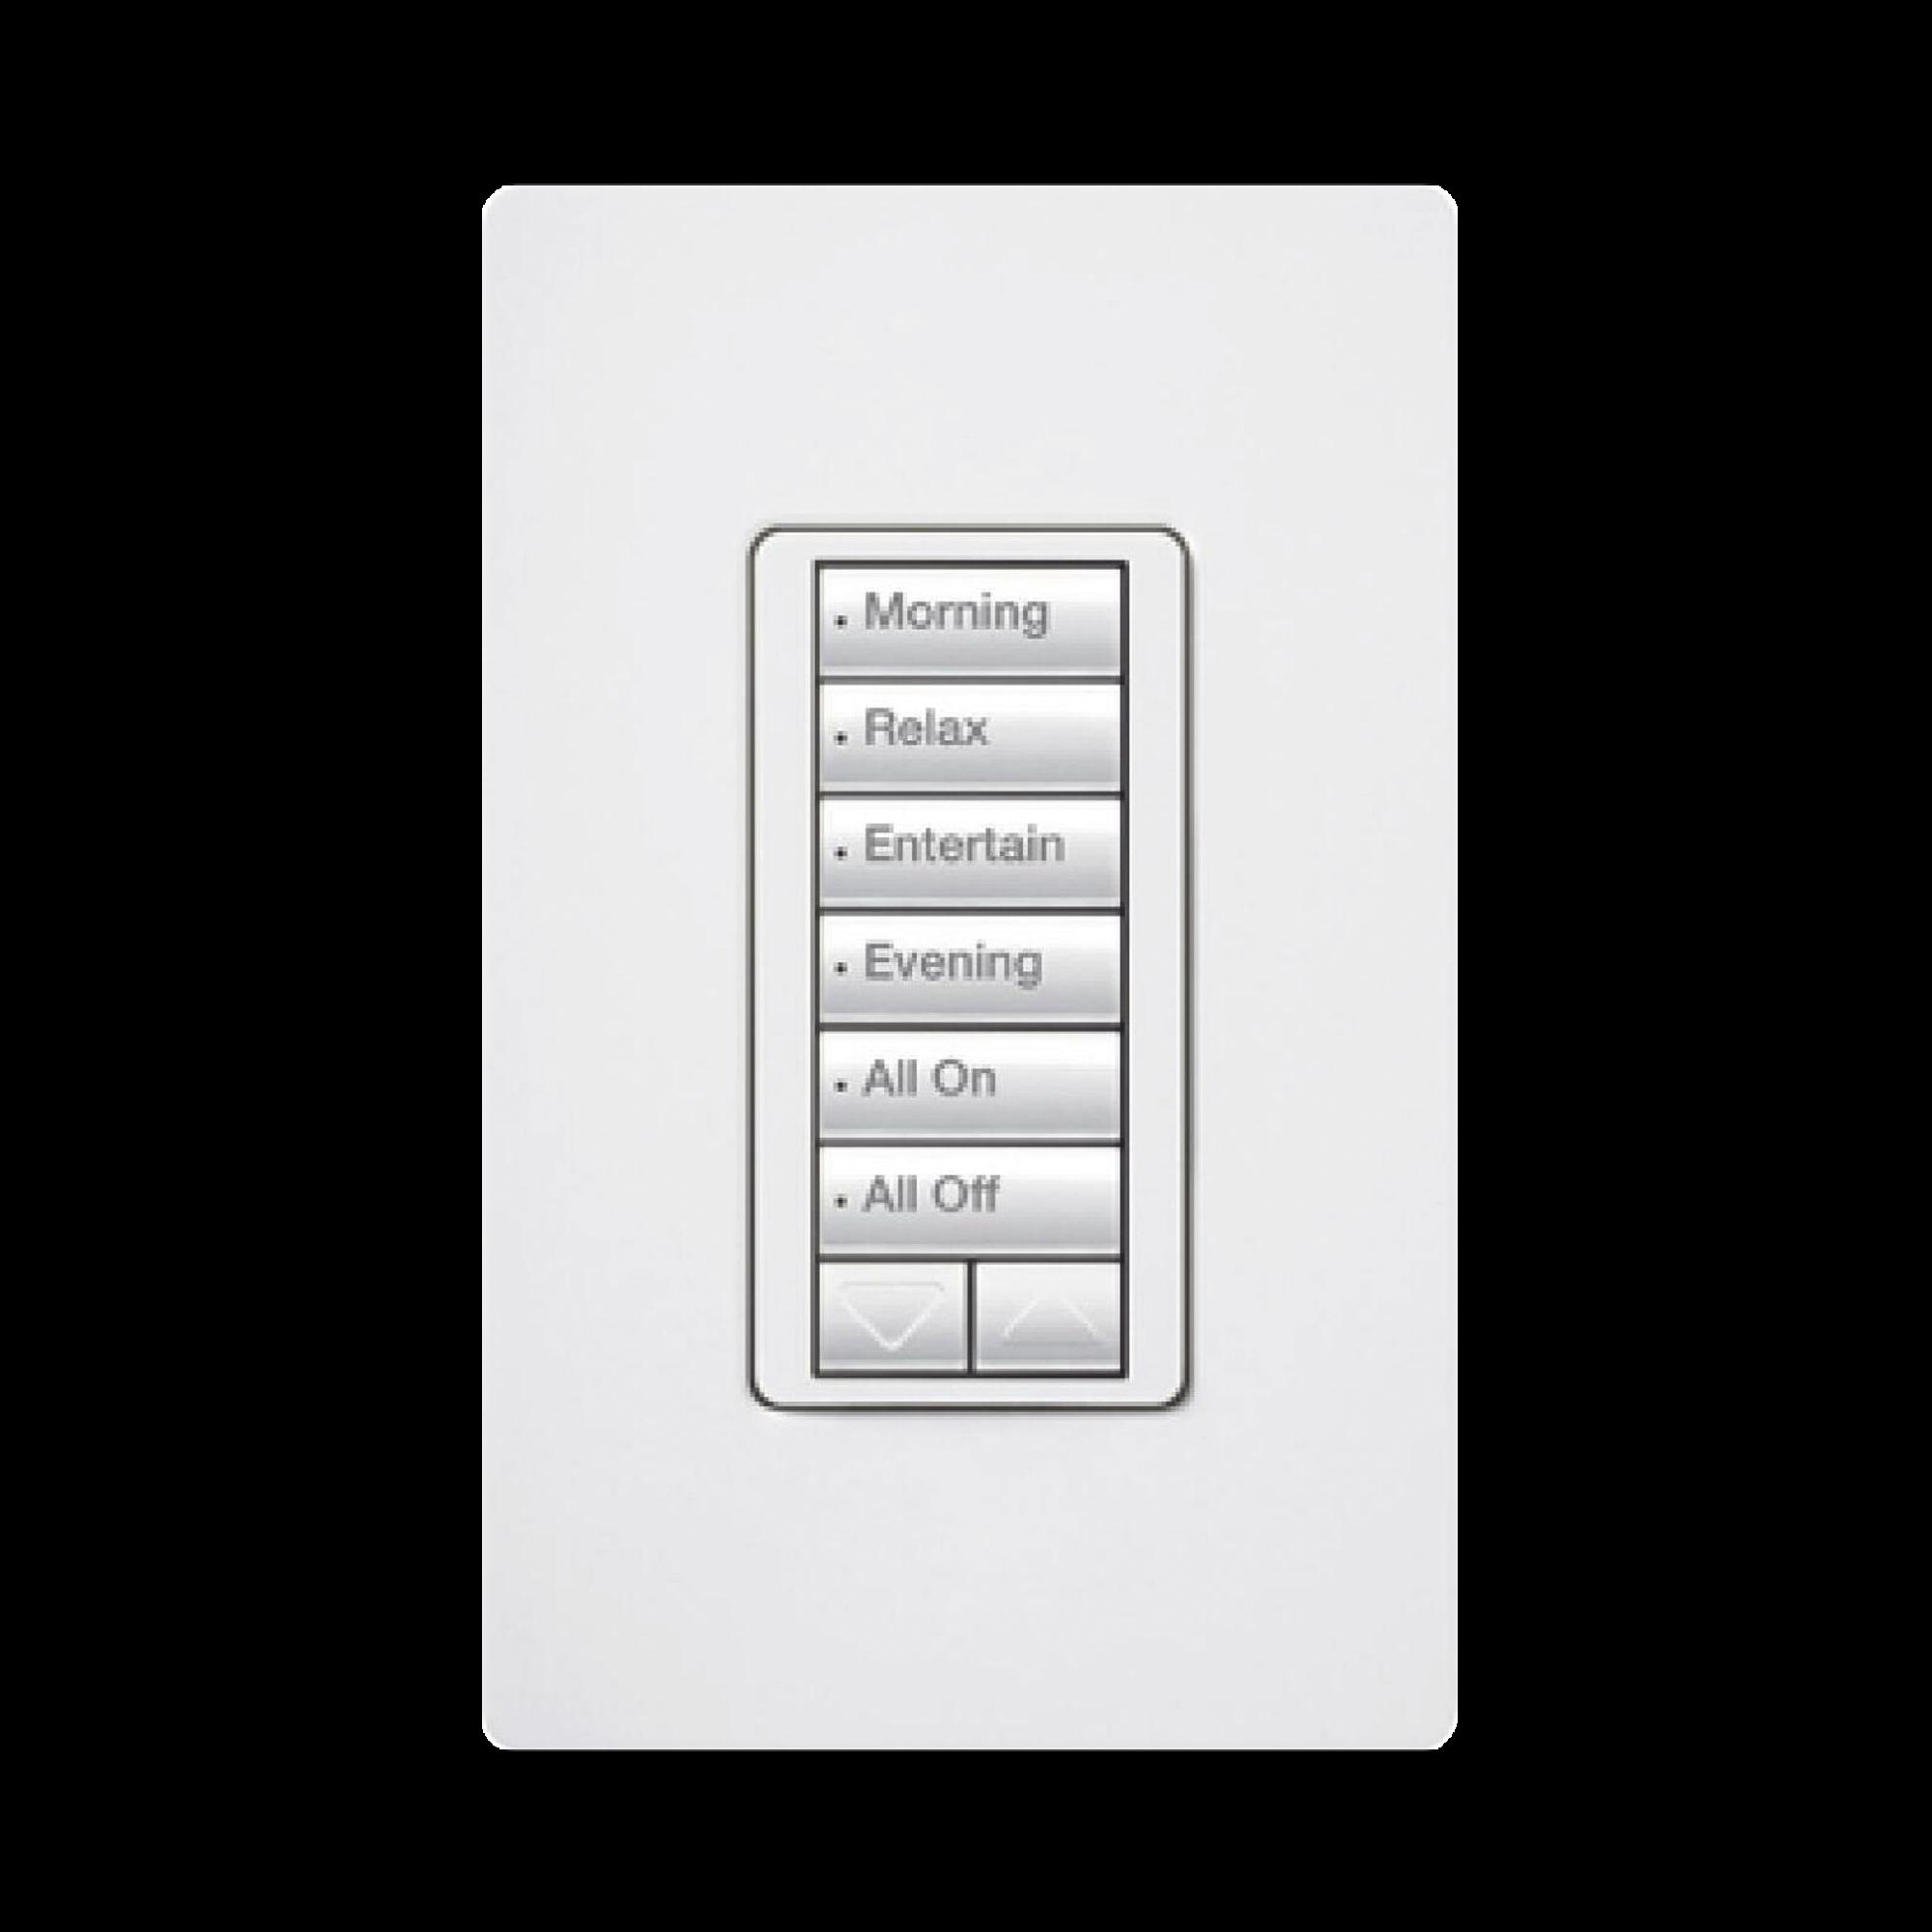 Teclado Seetouch Hibrido 6 botones, 2 botones subir/bajar, programe escenas diferentes en cada botón,puede instalarse en un interruptor de luz.